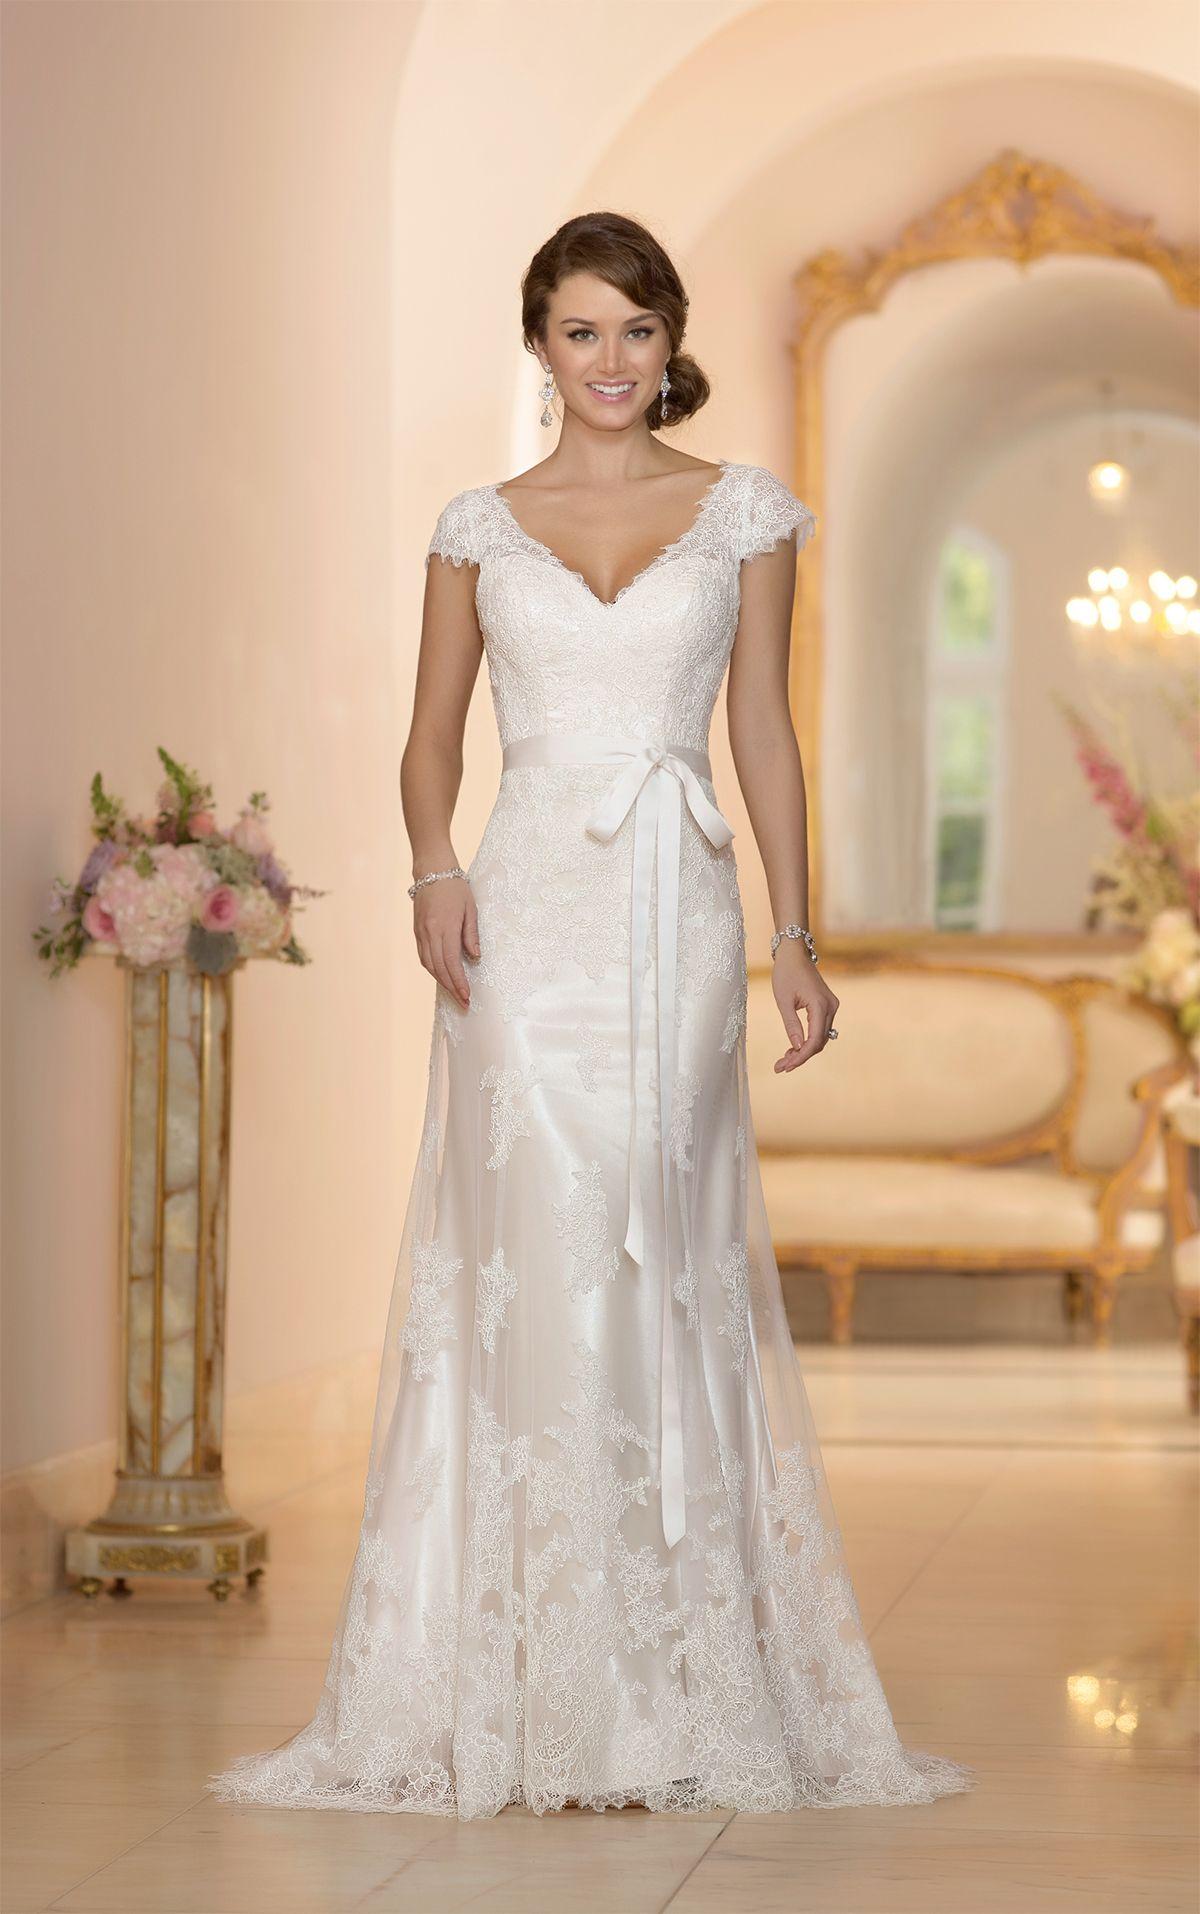 Brautkleider | Designer brautkleider, Etui und Silhouetten